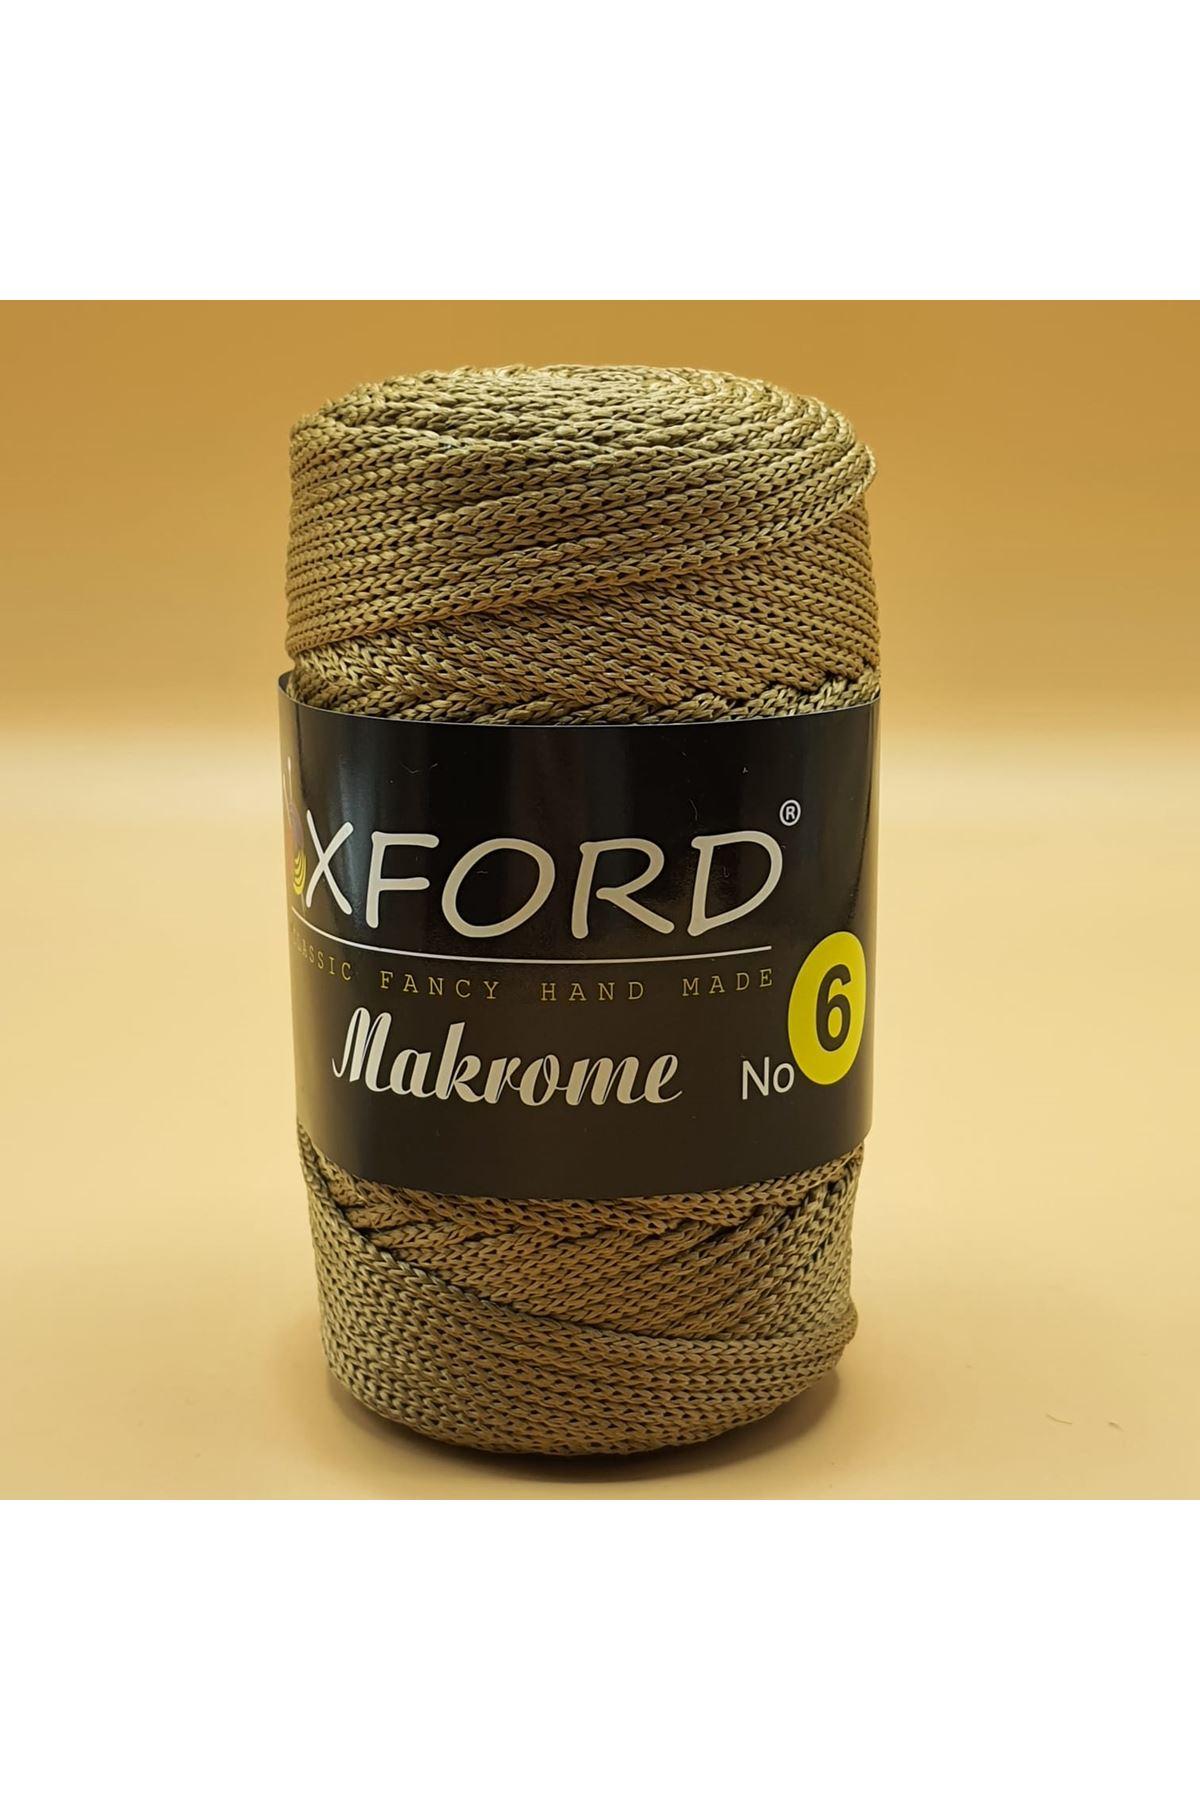 Oxford 6 No Makrome - 107 Koyu Bej